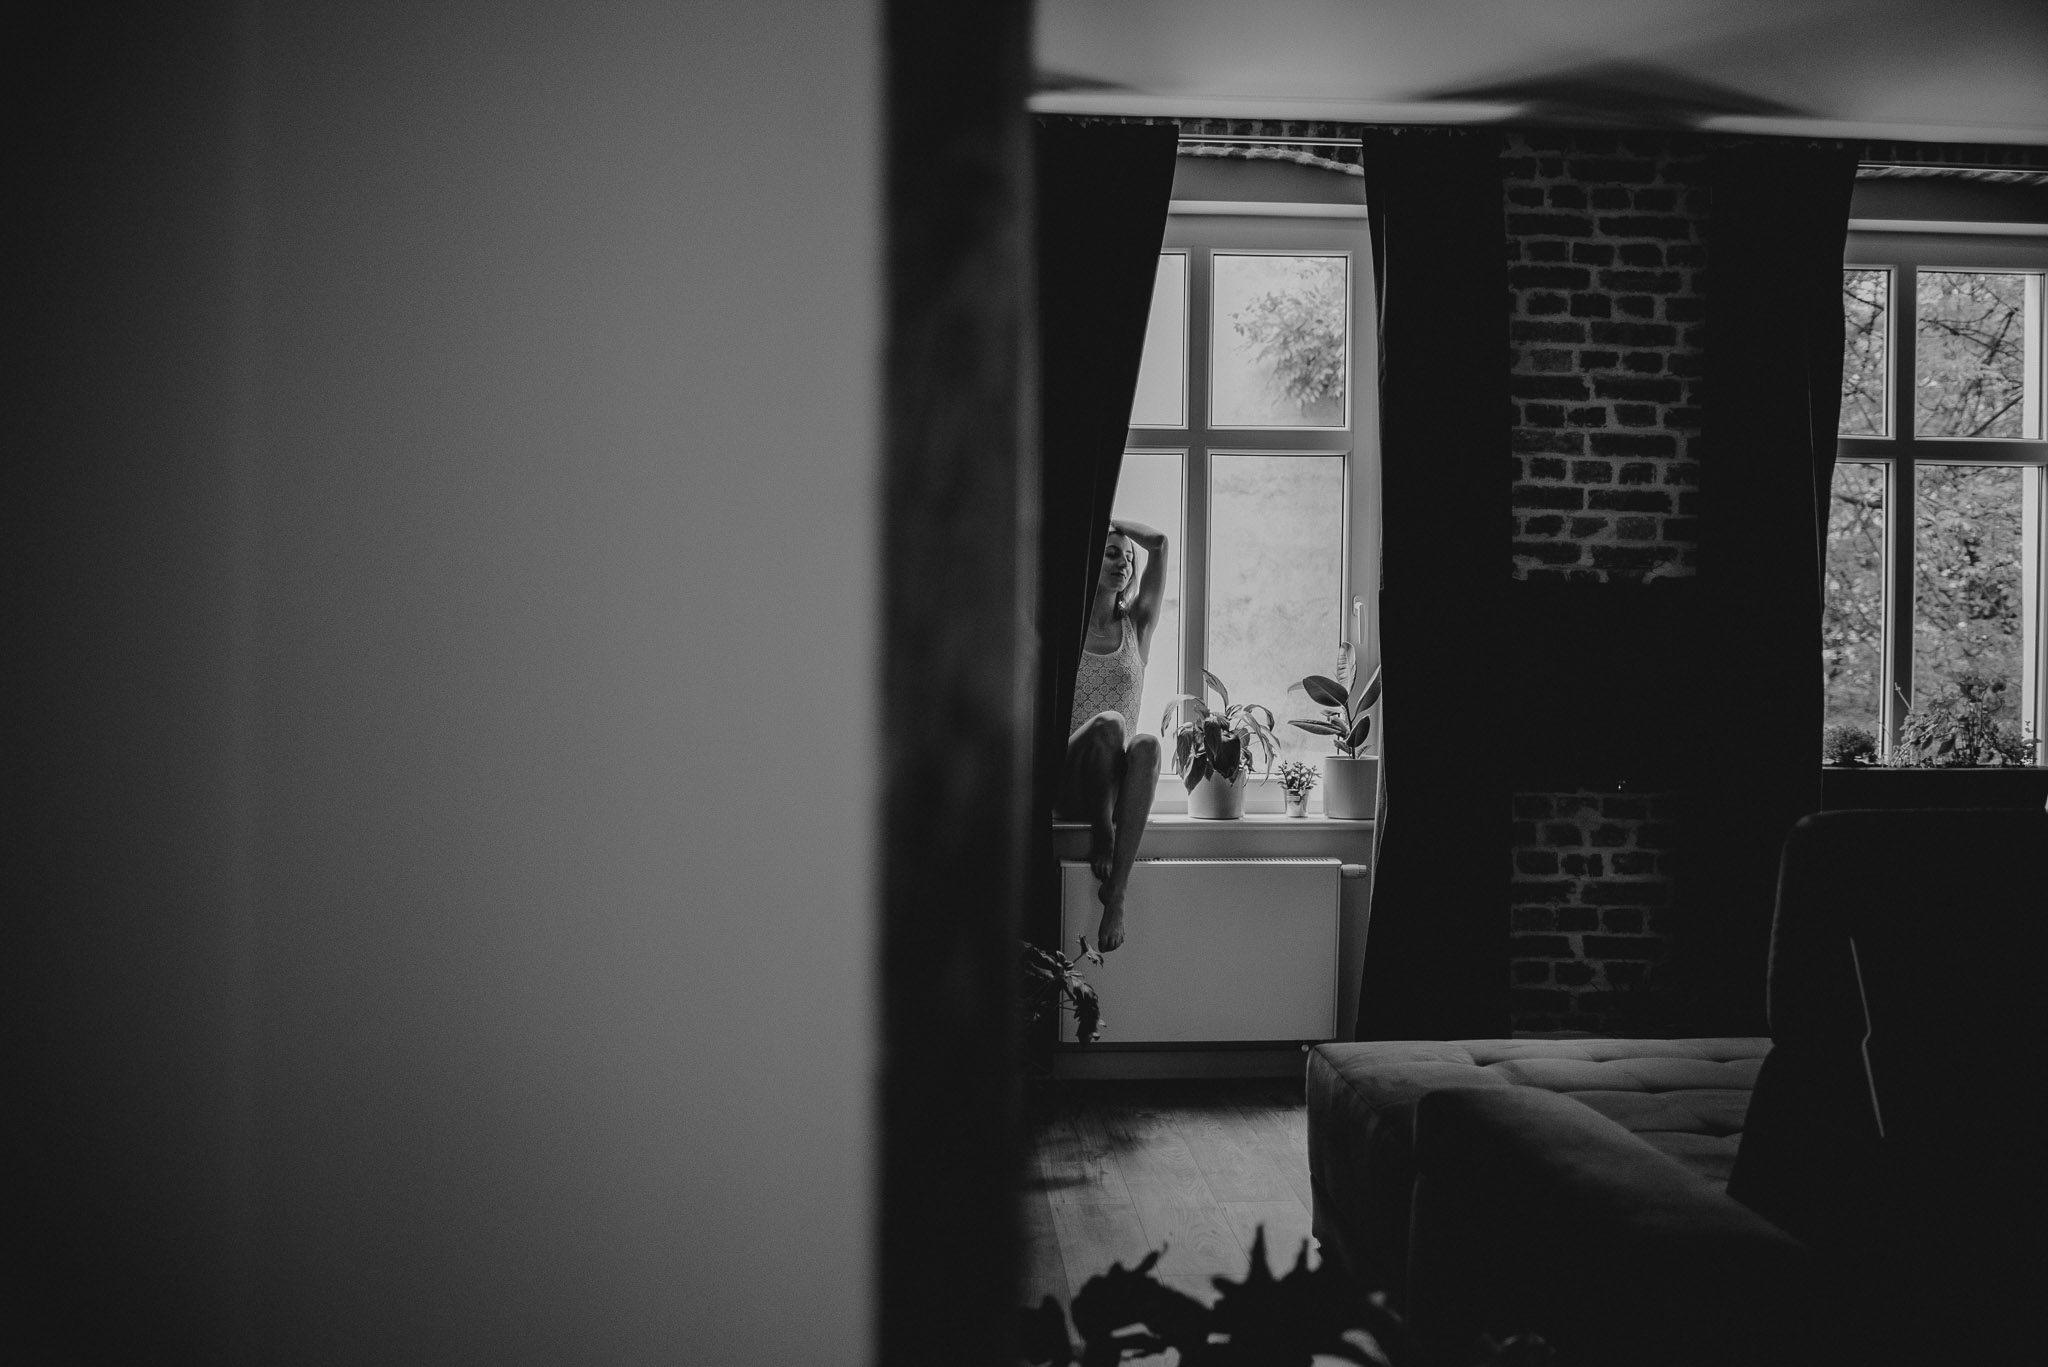 Kobieta w bieliźnie siedzi na parapecie - sesja kobieca w apartamencie w Poznaniu